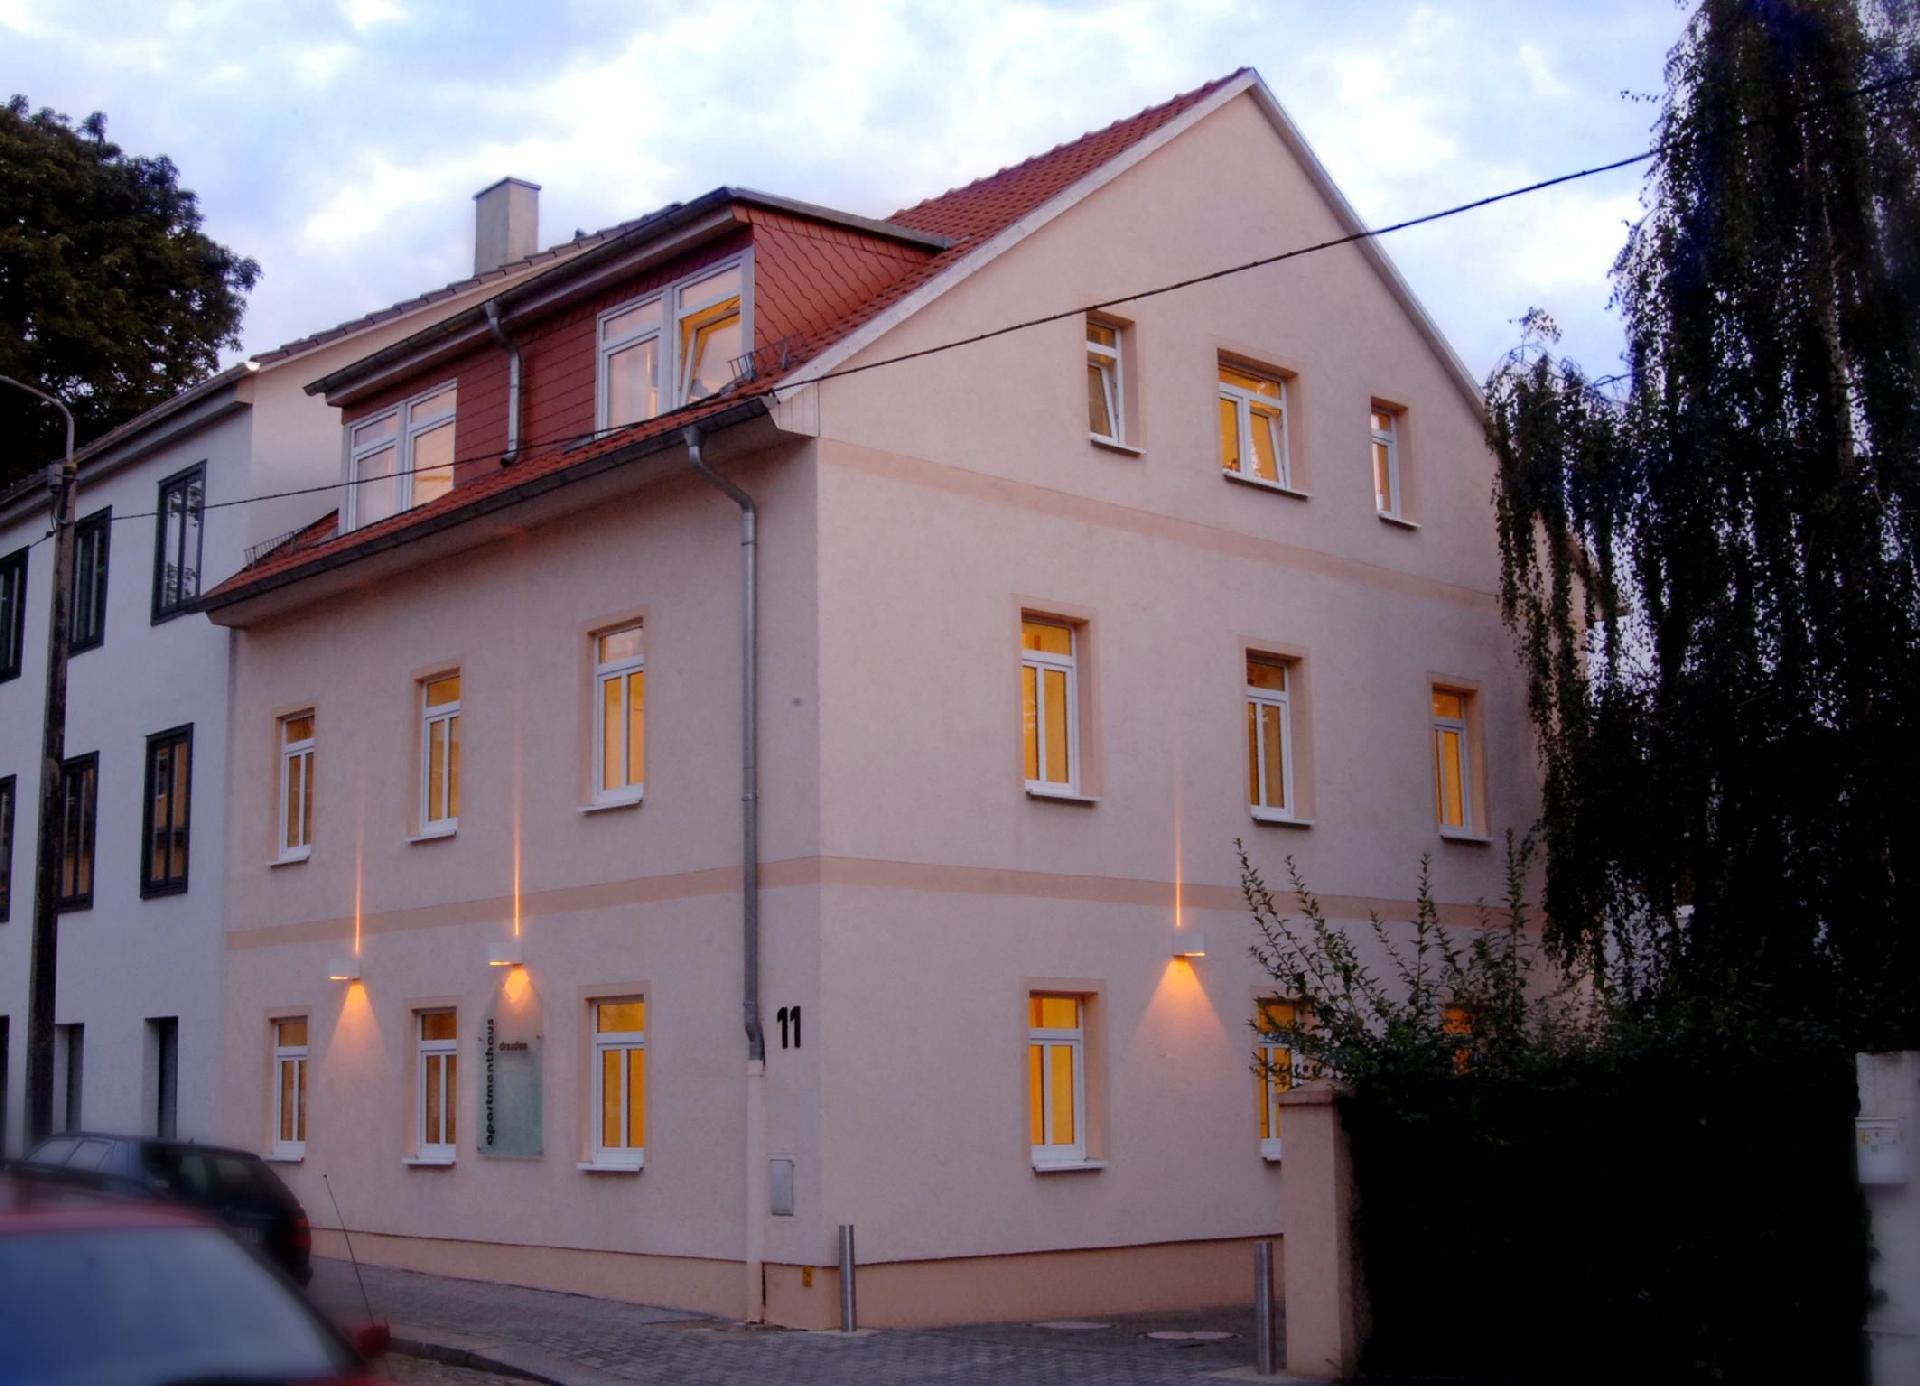 Ferienwohnung für 4 Personen ca. 65 m² i  in Sachsen